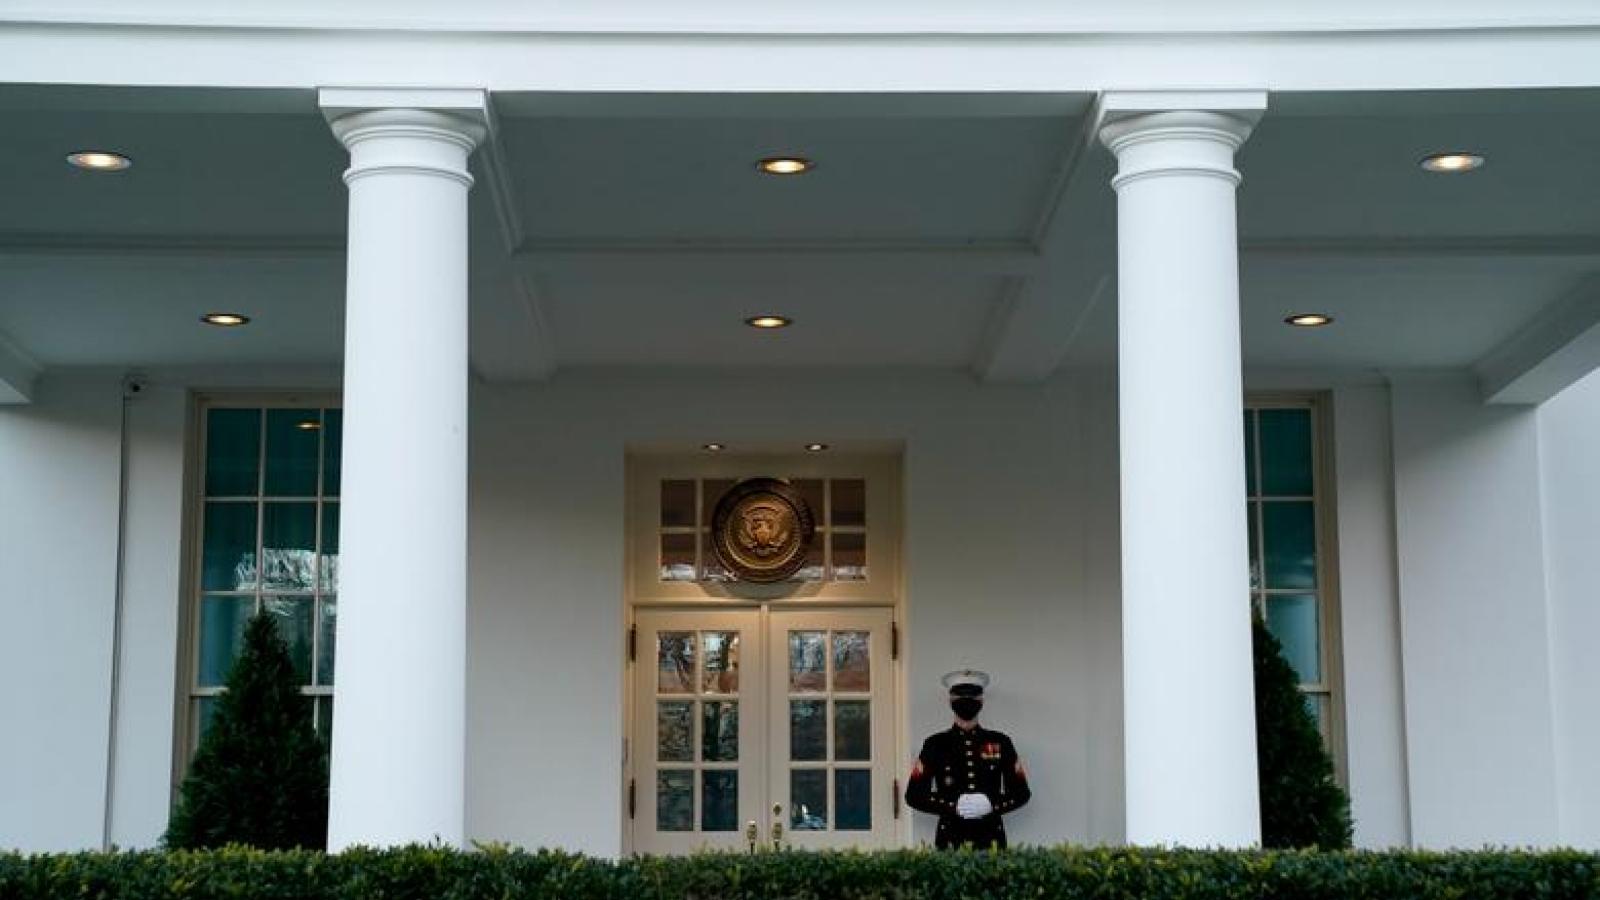 Hạ viện khởi động luận tội: Mỹ siết chặt an ninh, Trump kêu gọi giảm căng thẳng